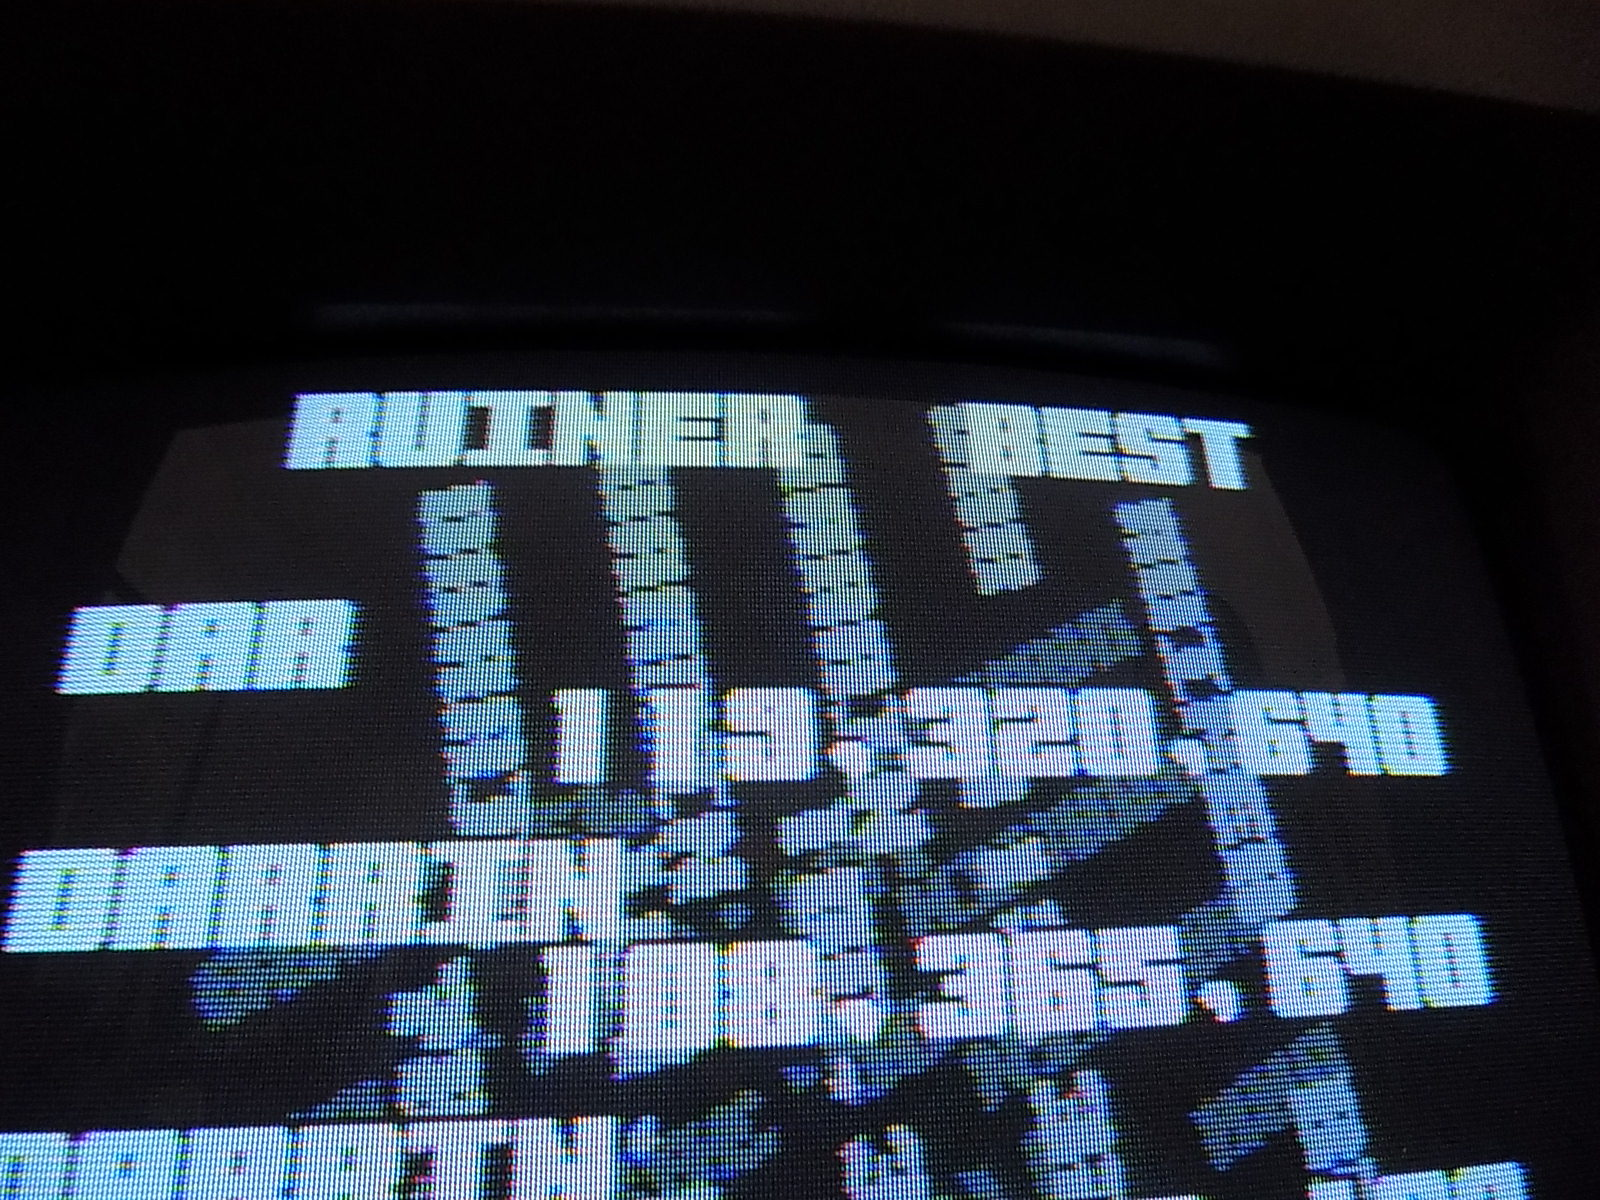 darrin9999: Ruiner Pinball: Ruiner Table [3 Balls] (Atari Jaguar) 119,320,640 points on 2020-05-18 16:42:00